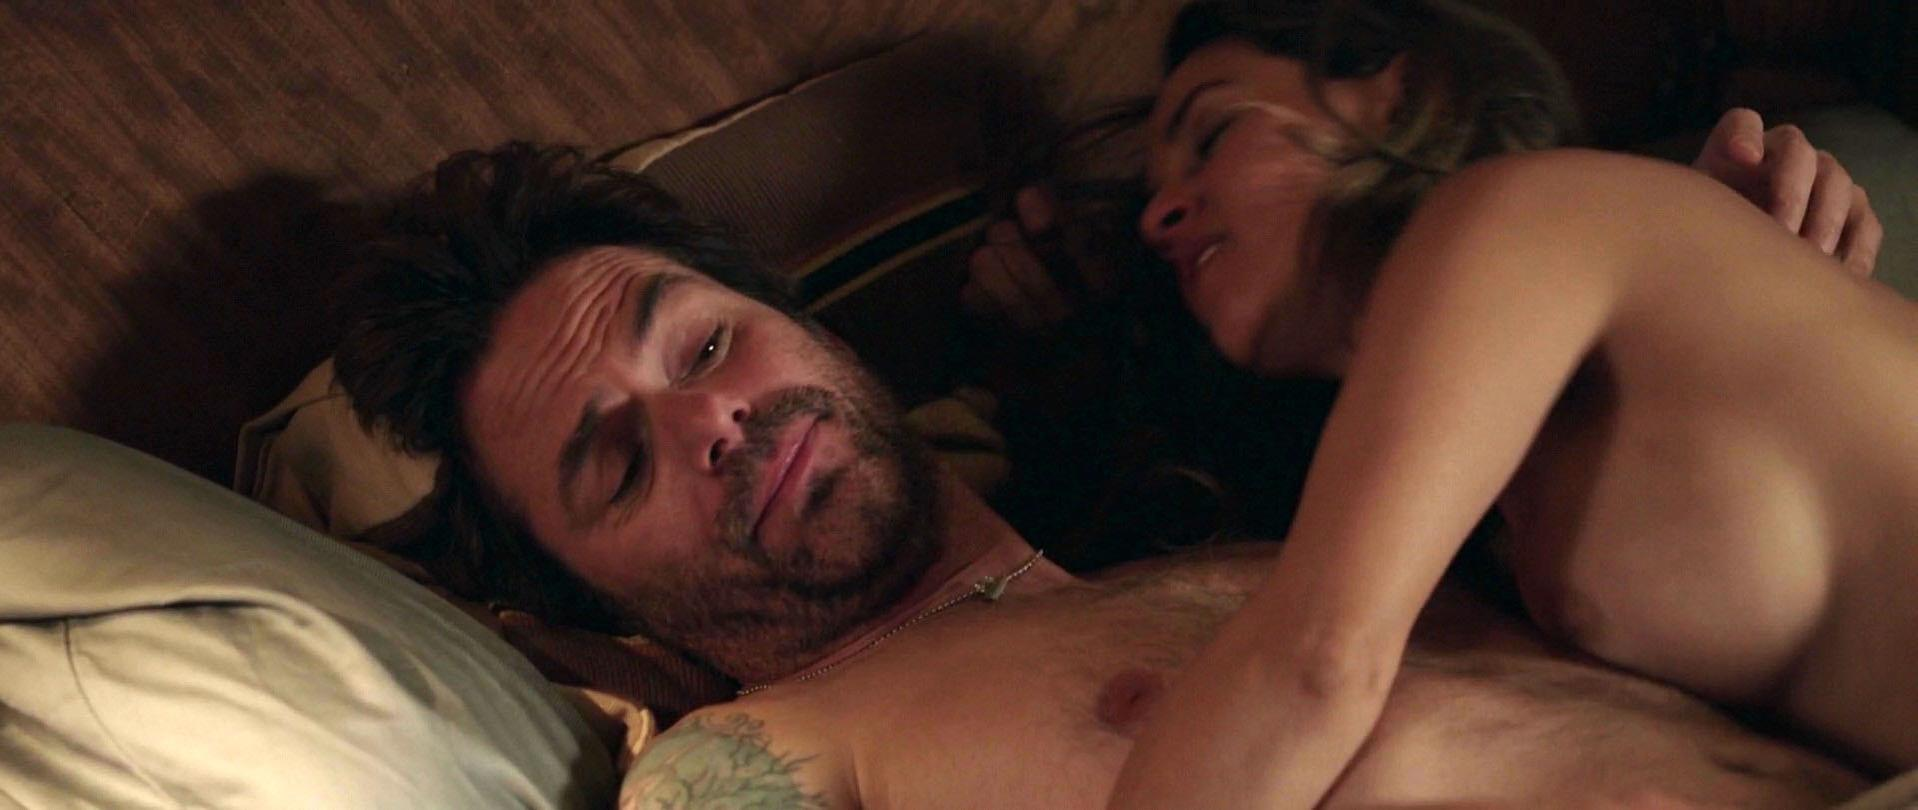 Gabriela Ostos nude, Natalie Kline nude - Divine Access (2015)